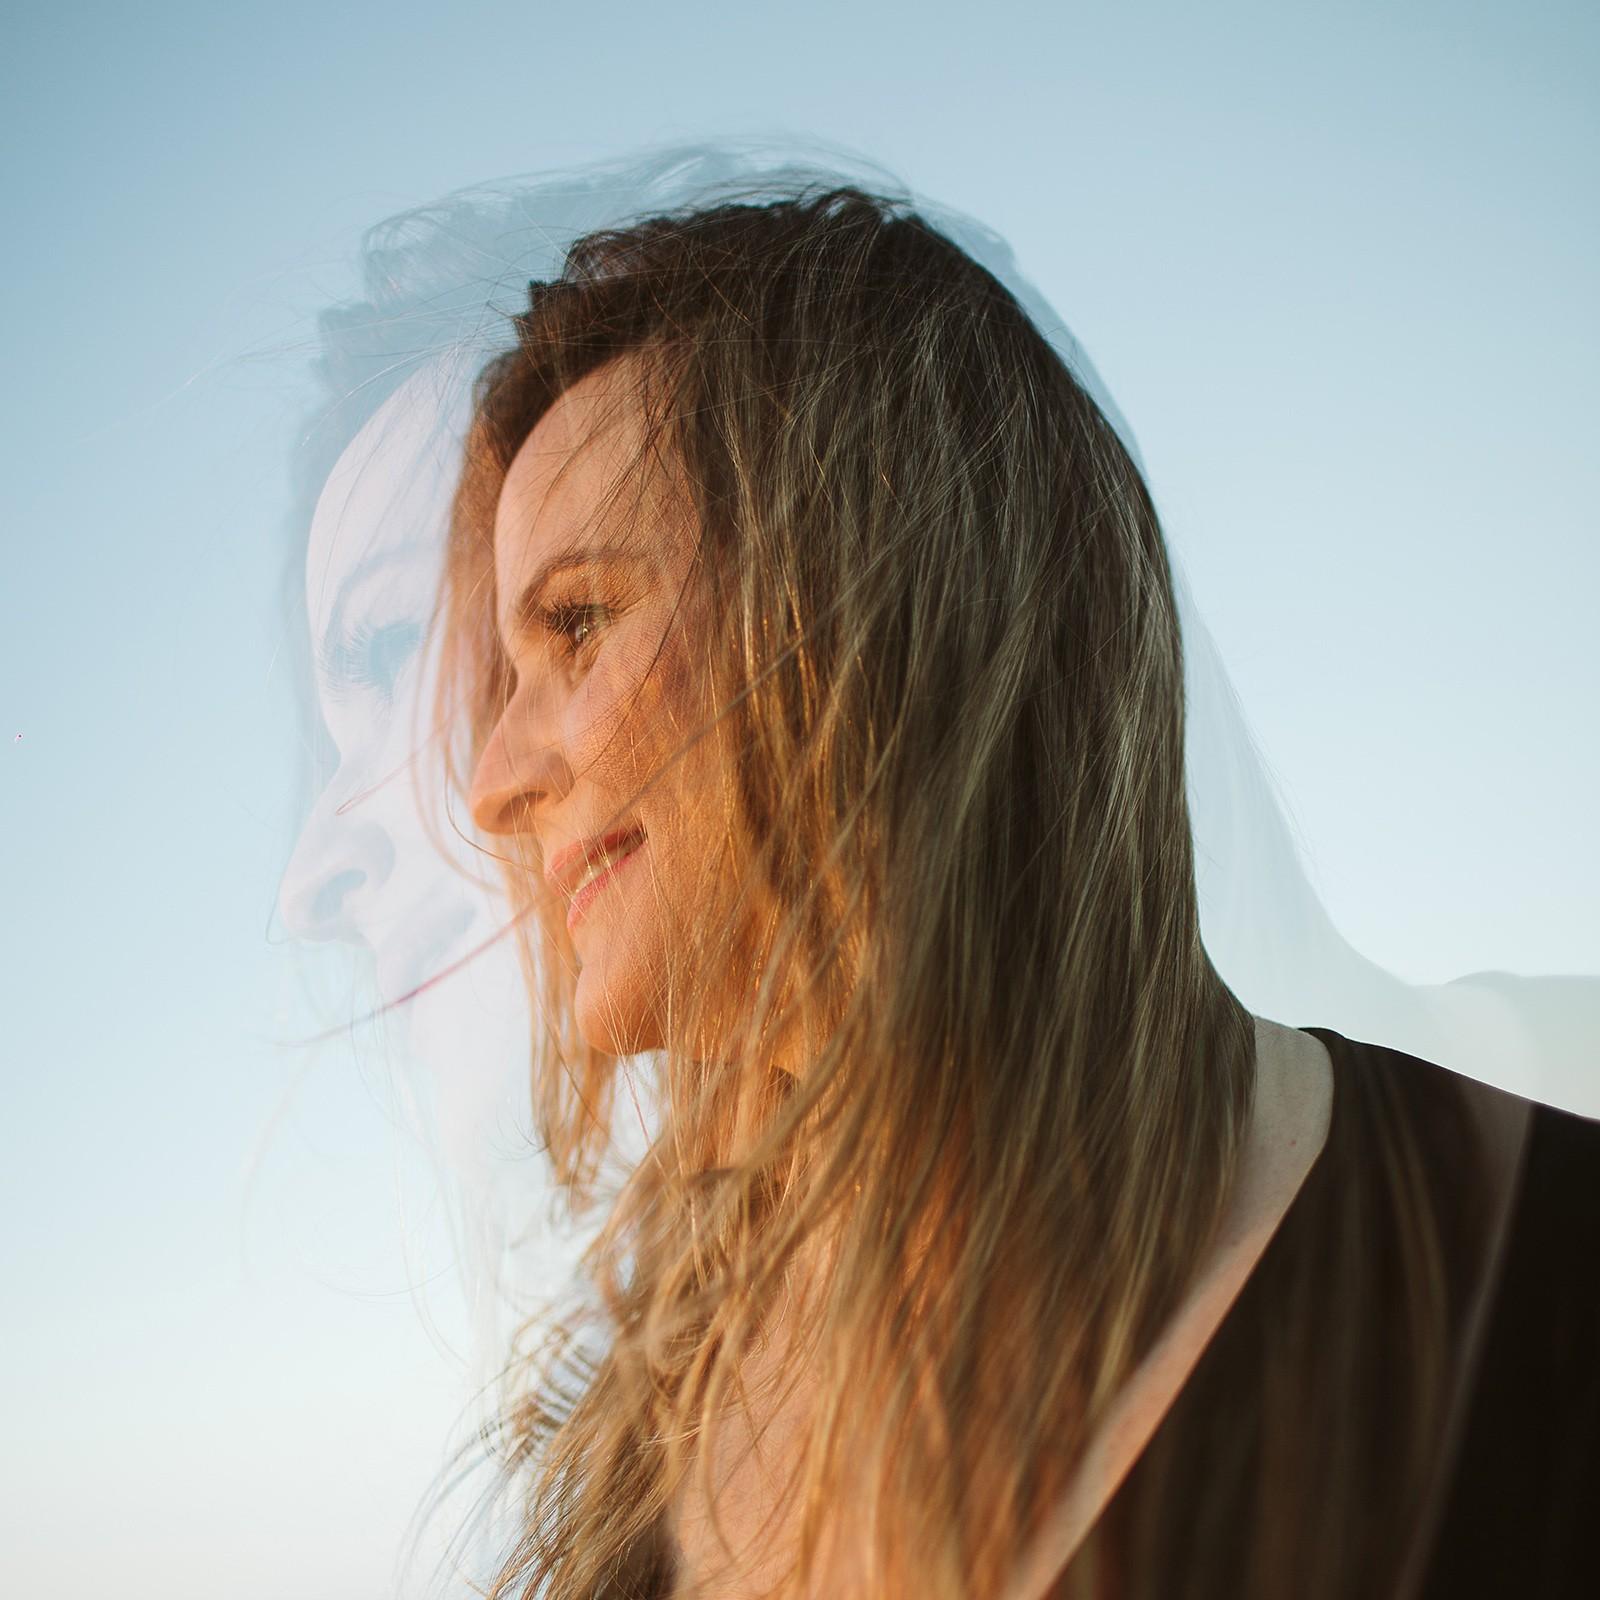 Mariana Nunes defende 'Ponto de vista' de Edu Krieger e João Cavalcanti no álbum 'Cantante'